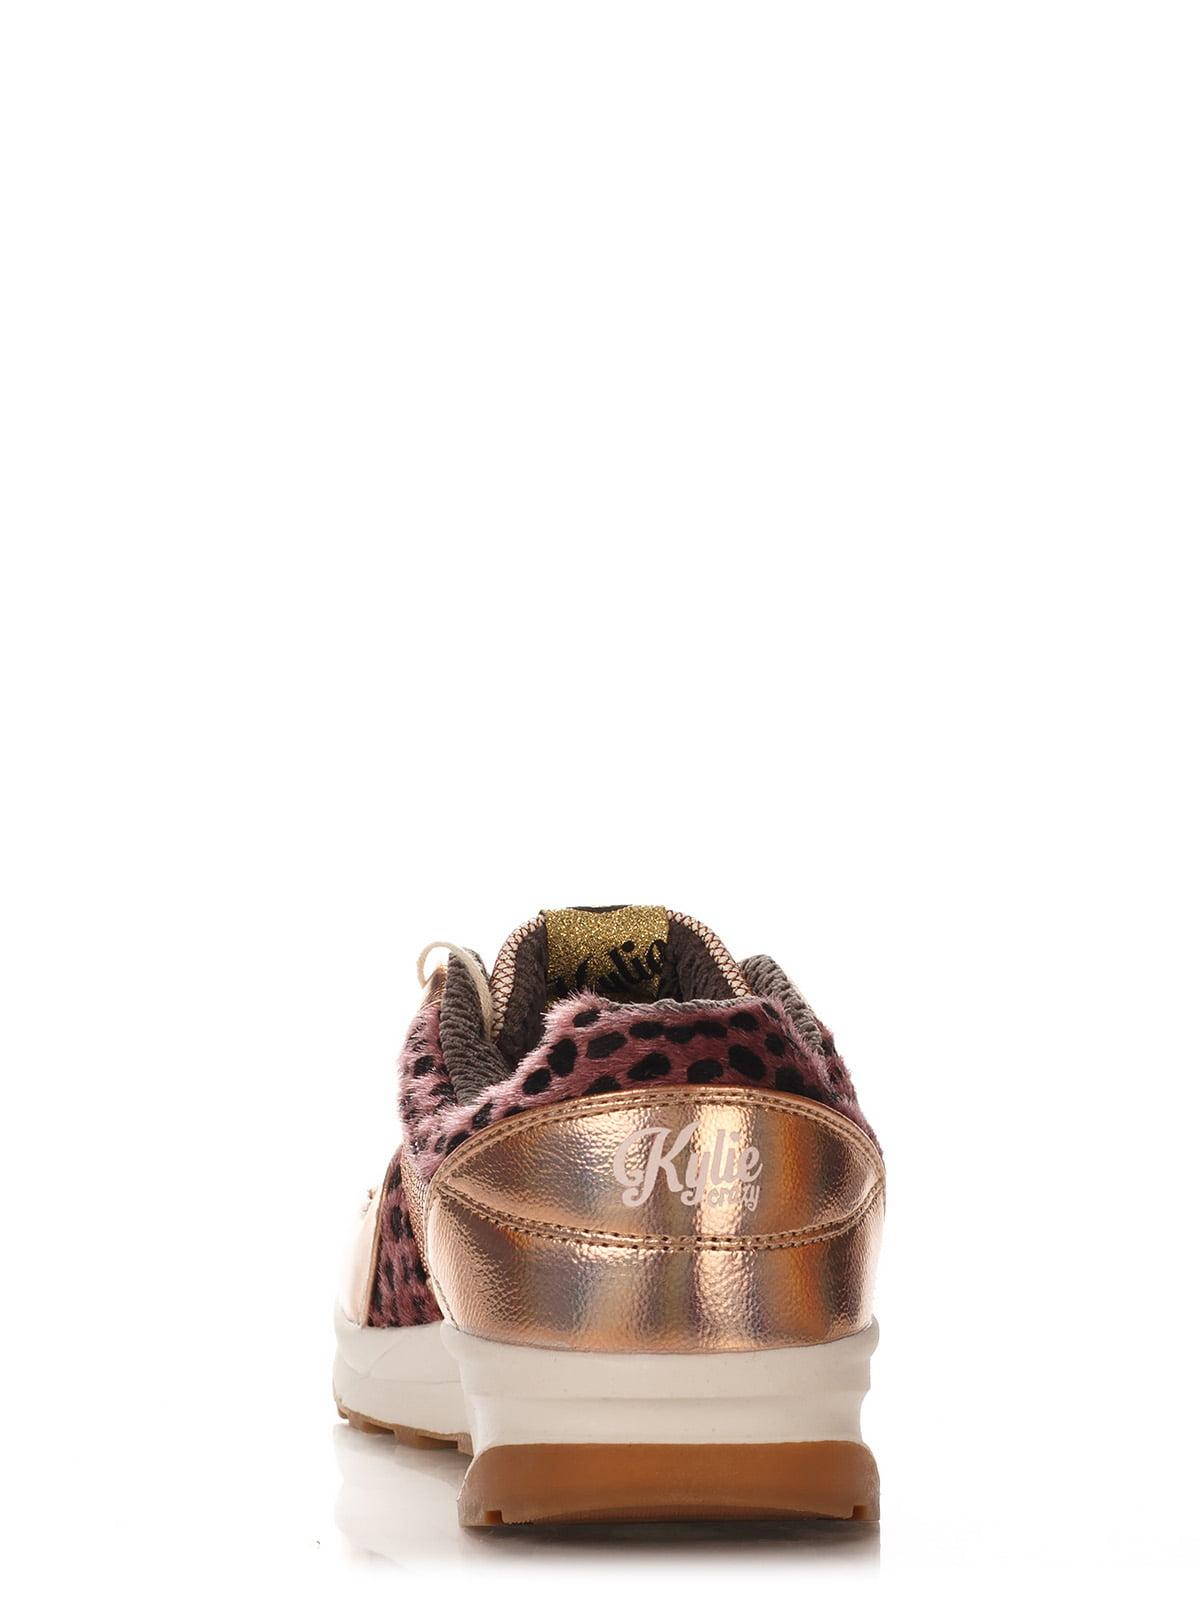 Кроссовки золотистые | 3245244 | фото 4